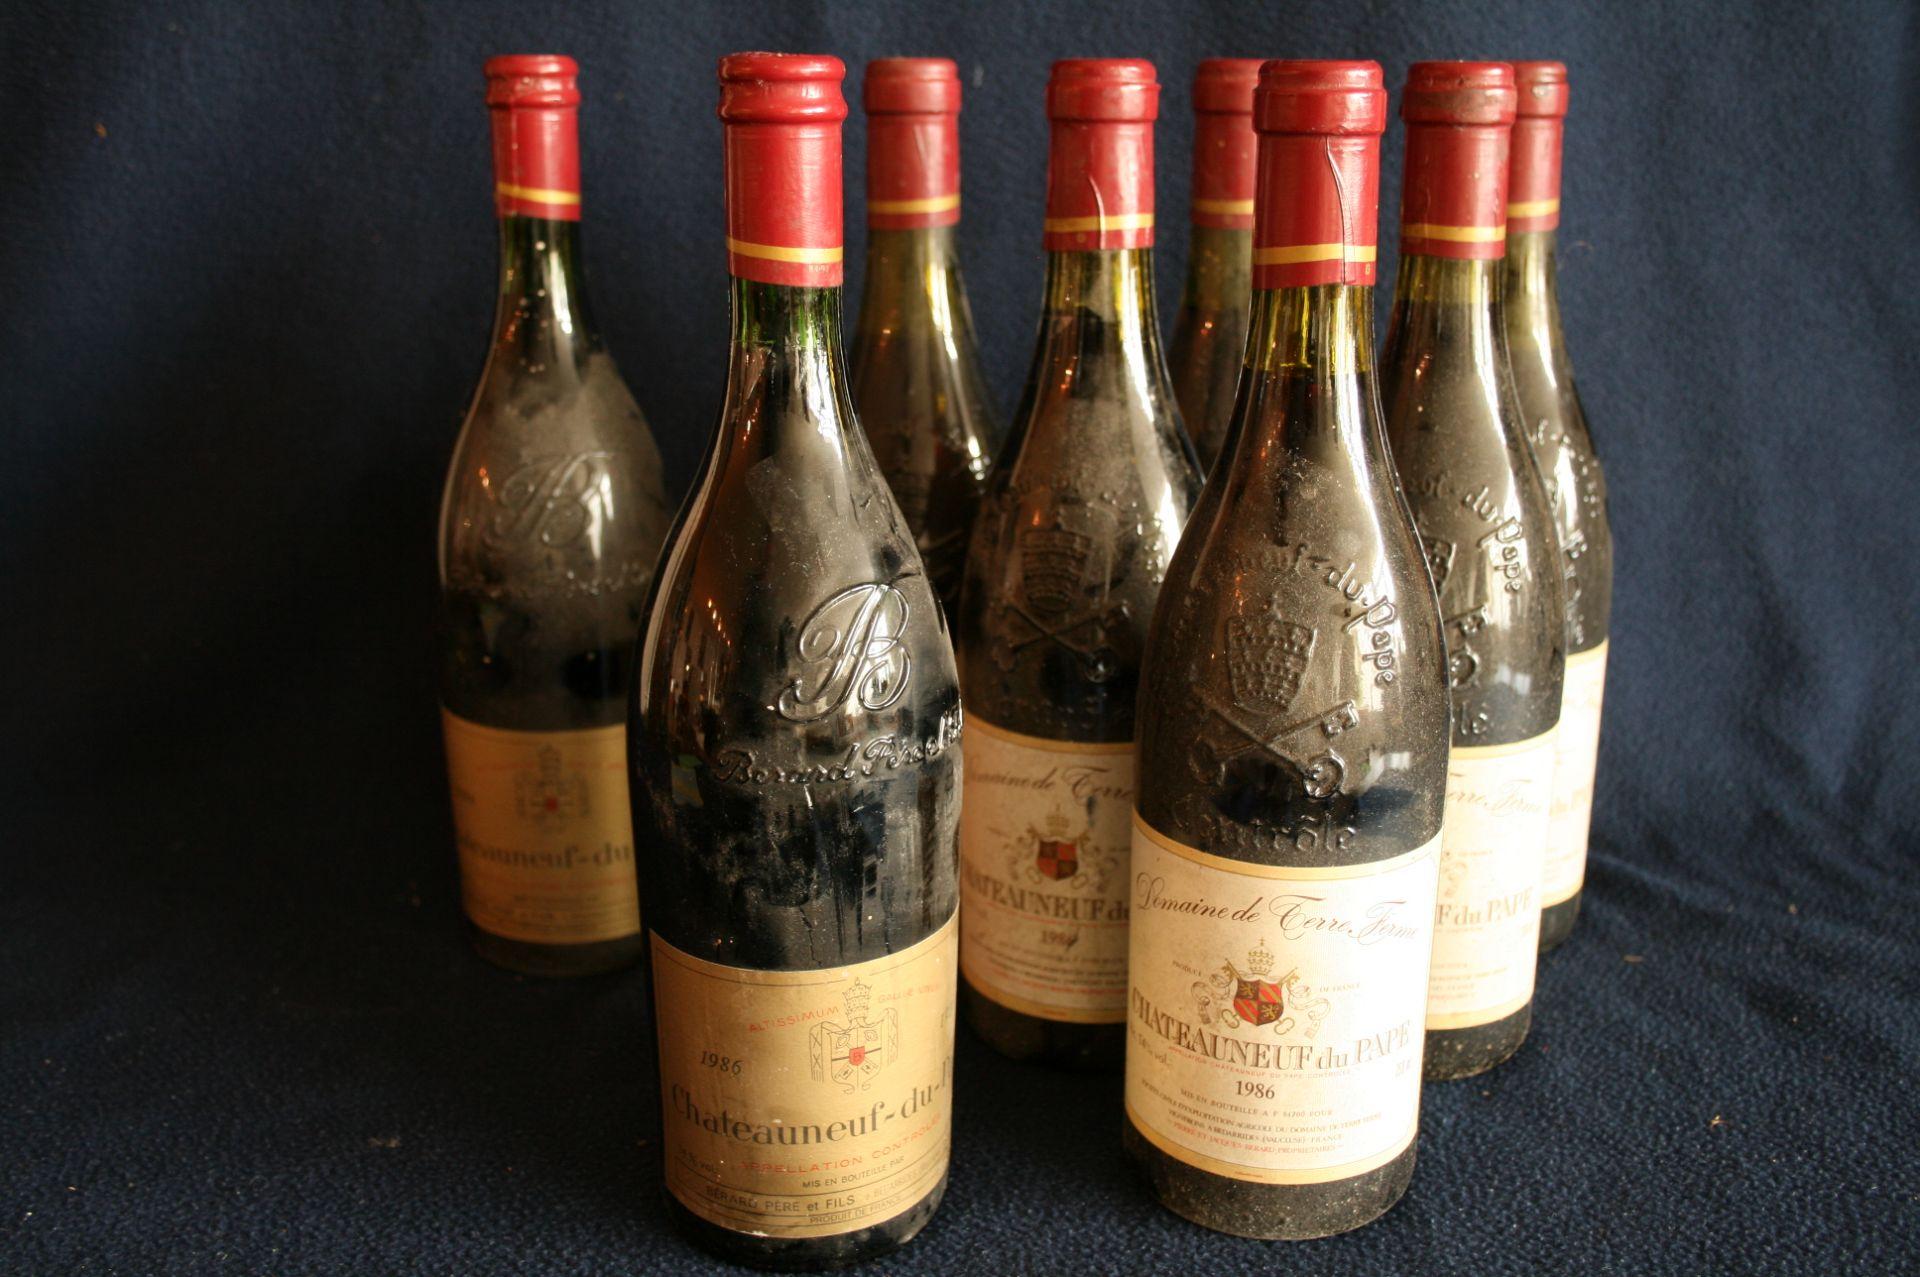 6 Bouteilles de CHATEAUNEUF du PAPE, Domaine de Terre Ferme, 1986, Pierre et Jacques [...]